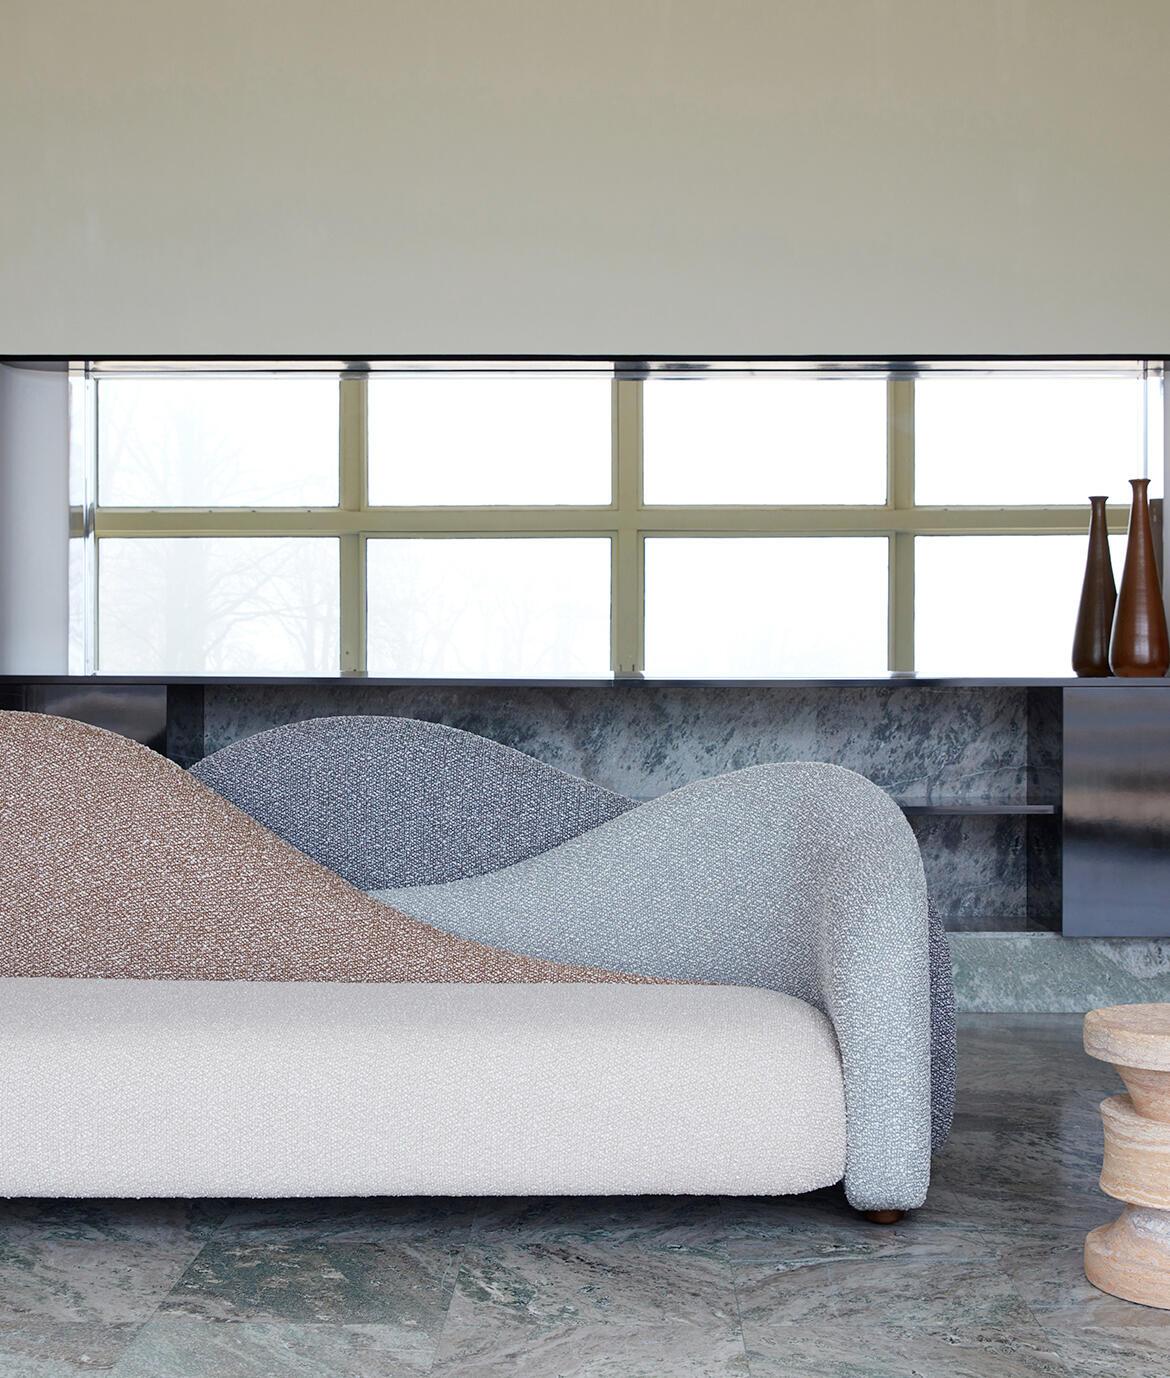 Toundra | Design & Edition Pierre Gonalons, Henryot & Cie © Gaëlle Le Boulicaut